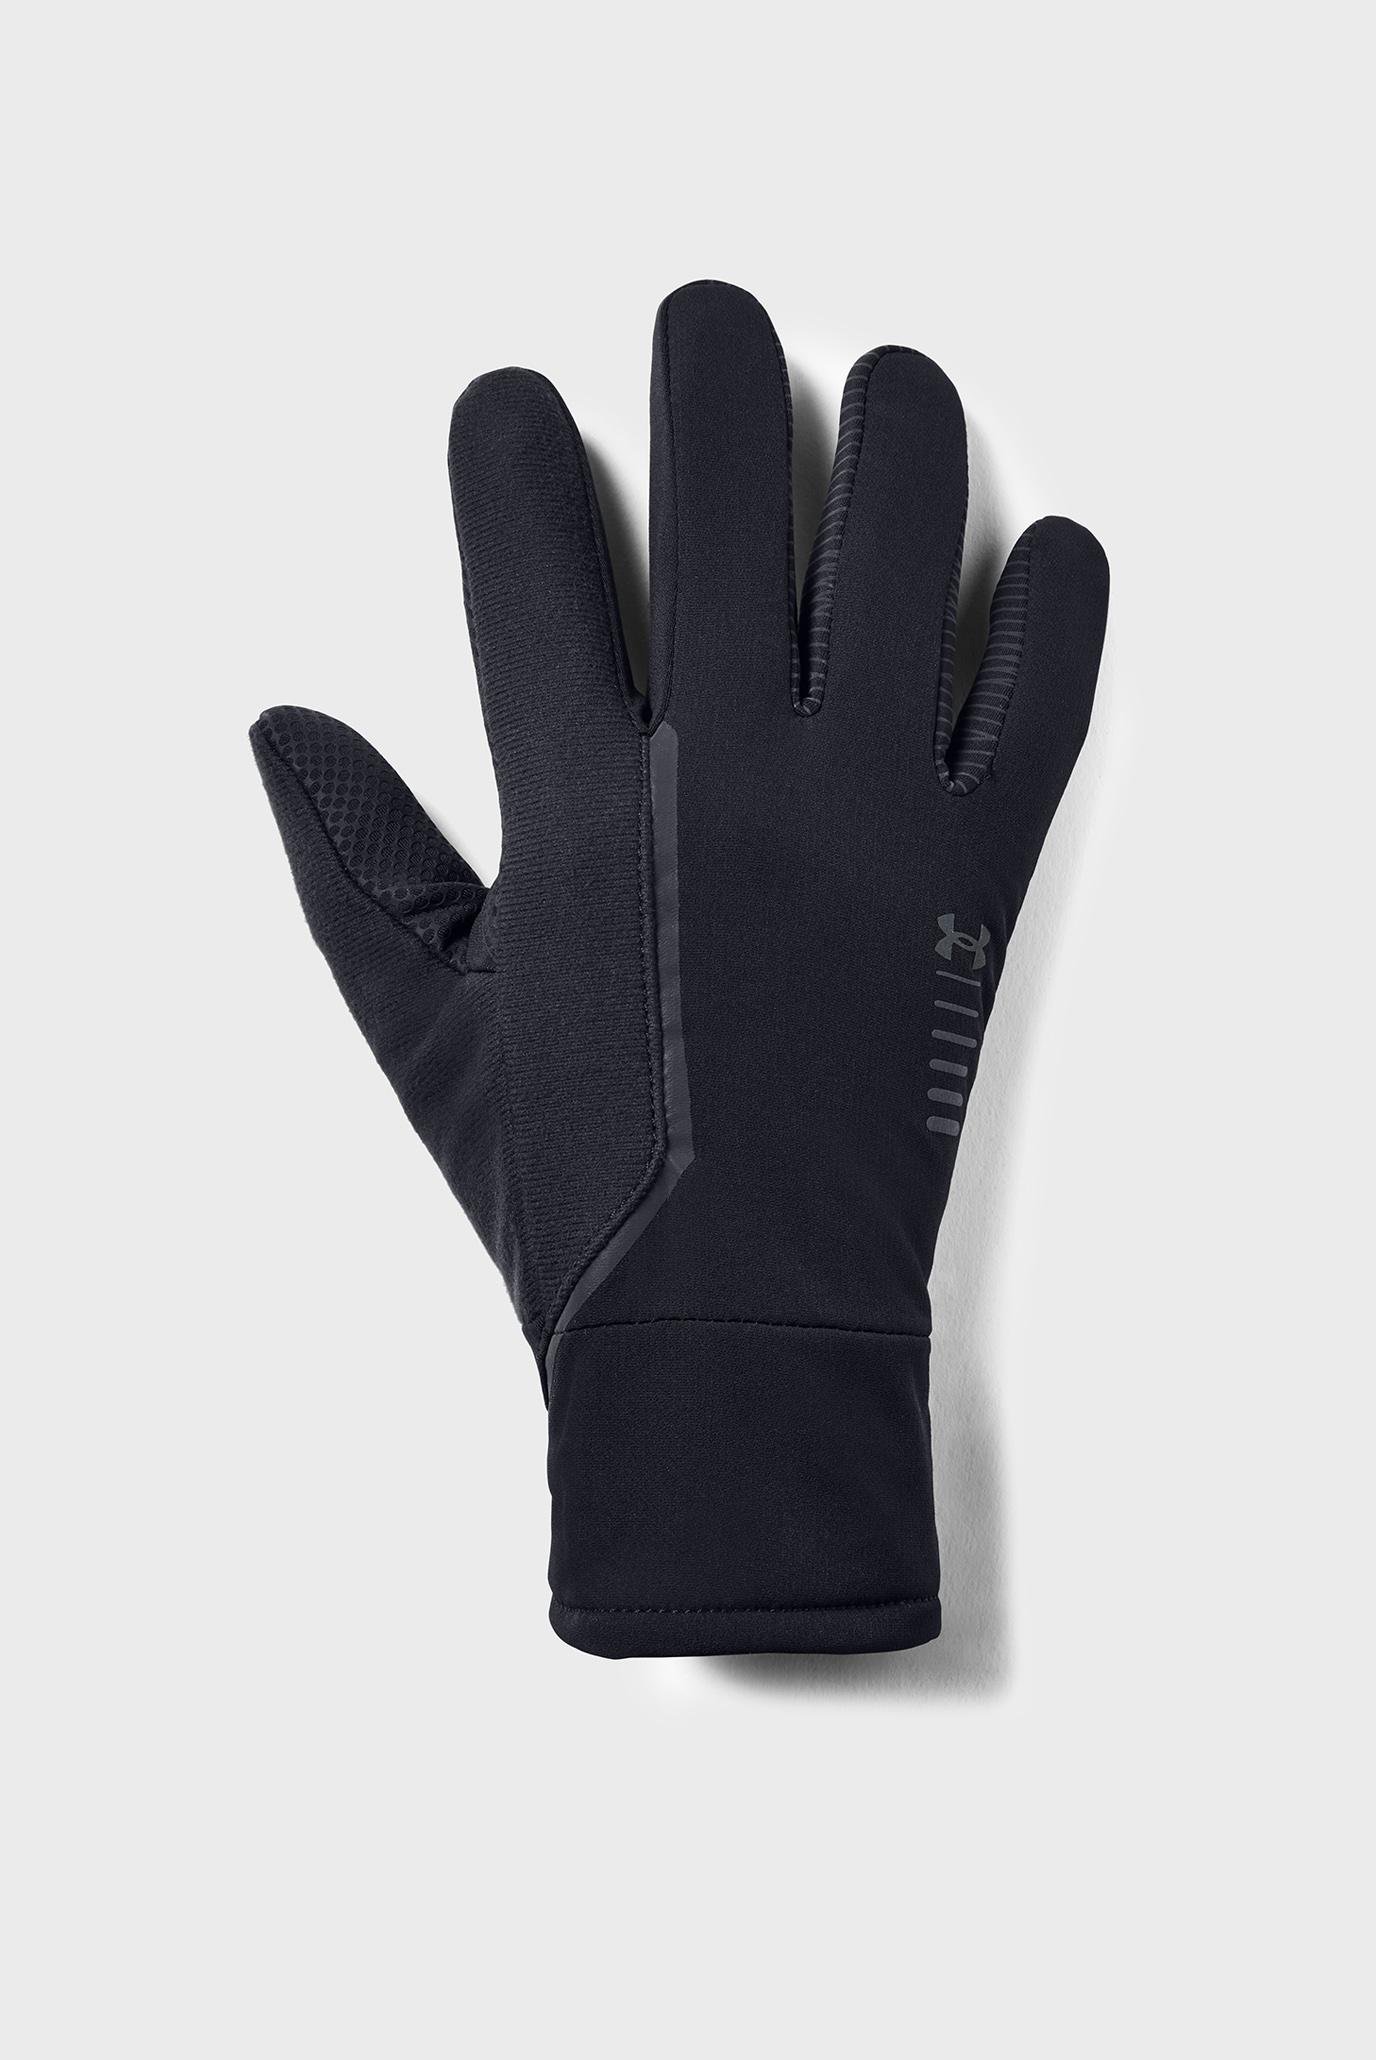 Купить Мужские черные перчатки Men's Storm Run Glove Under Armour Under Armour 1345385-001 – Киев, Украина. Цены в интернет магазине MD Fashion